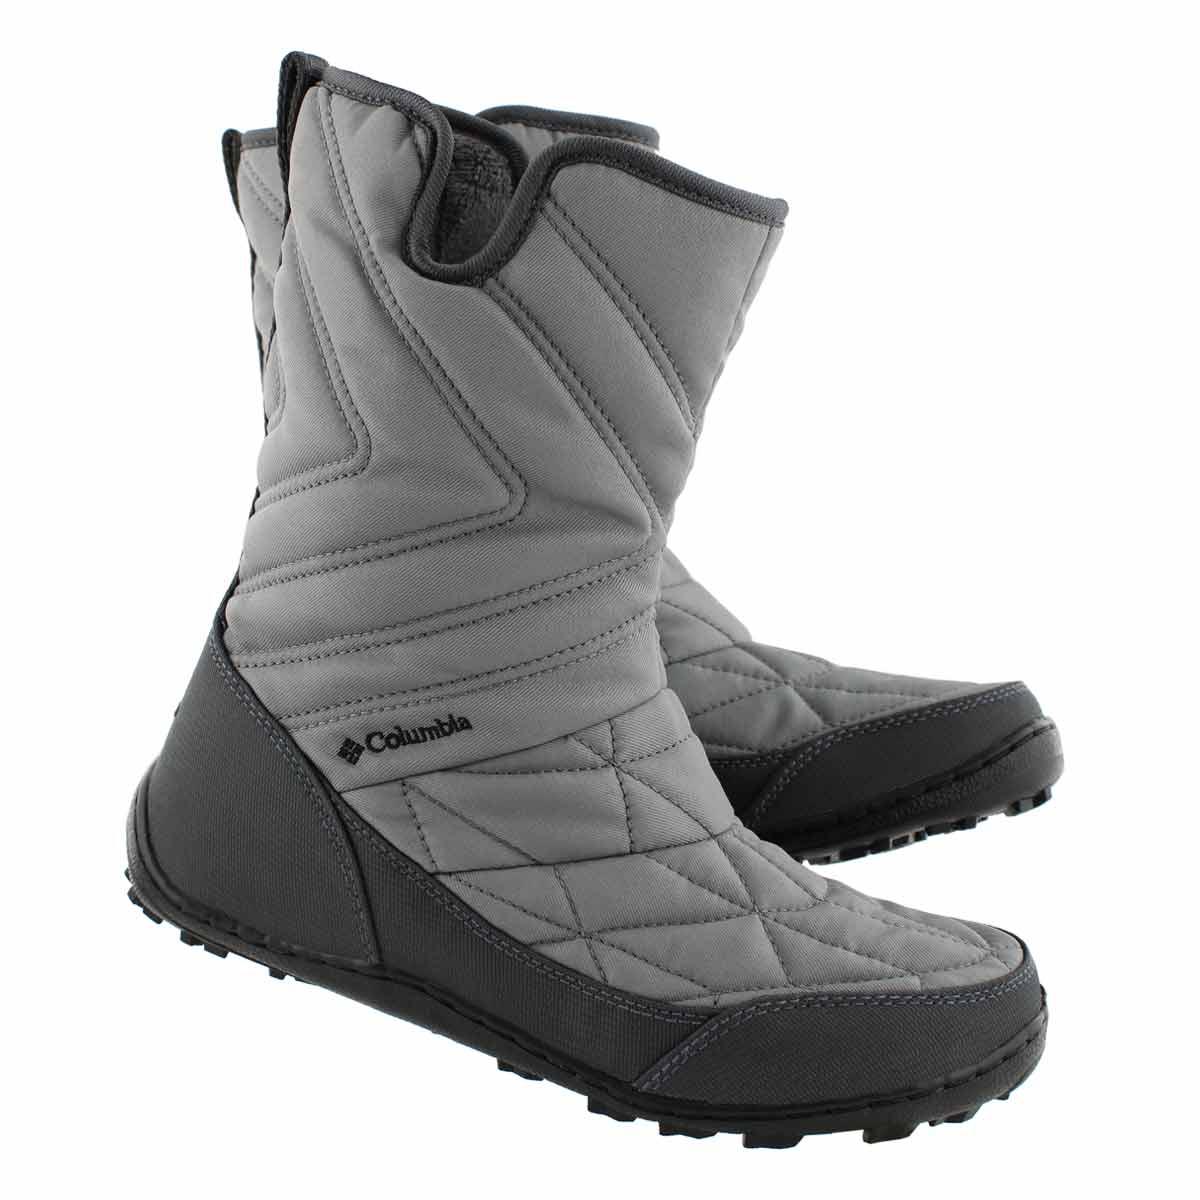 Lds Minx Slip III steel slipon wp boot